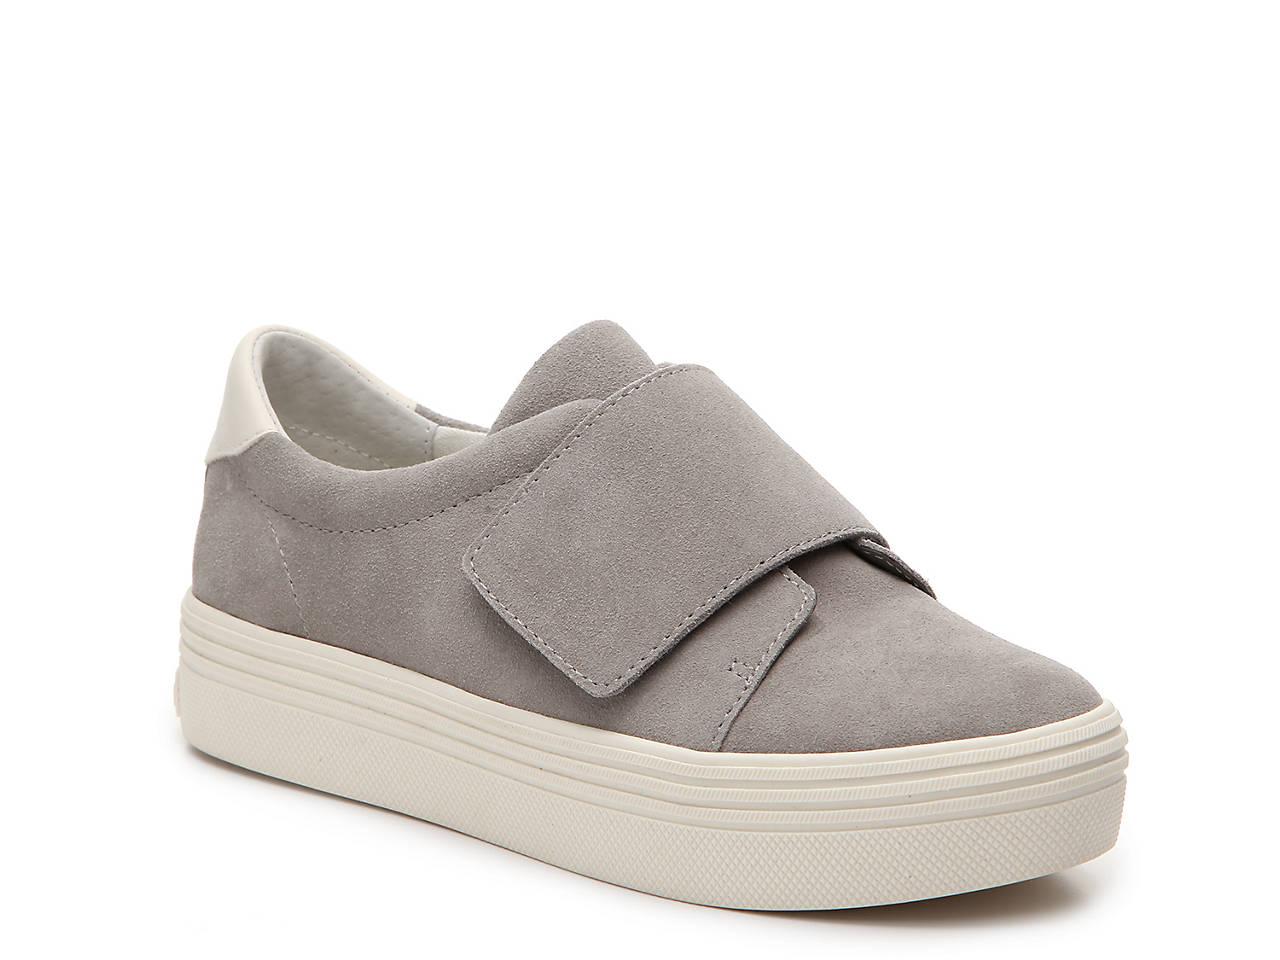 6ac6a45fbb5 Dolce Vita Tiga Strap Platform Sneaker Women s Shoes